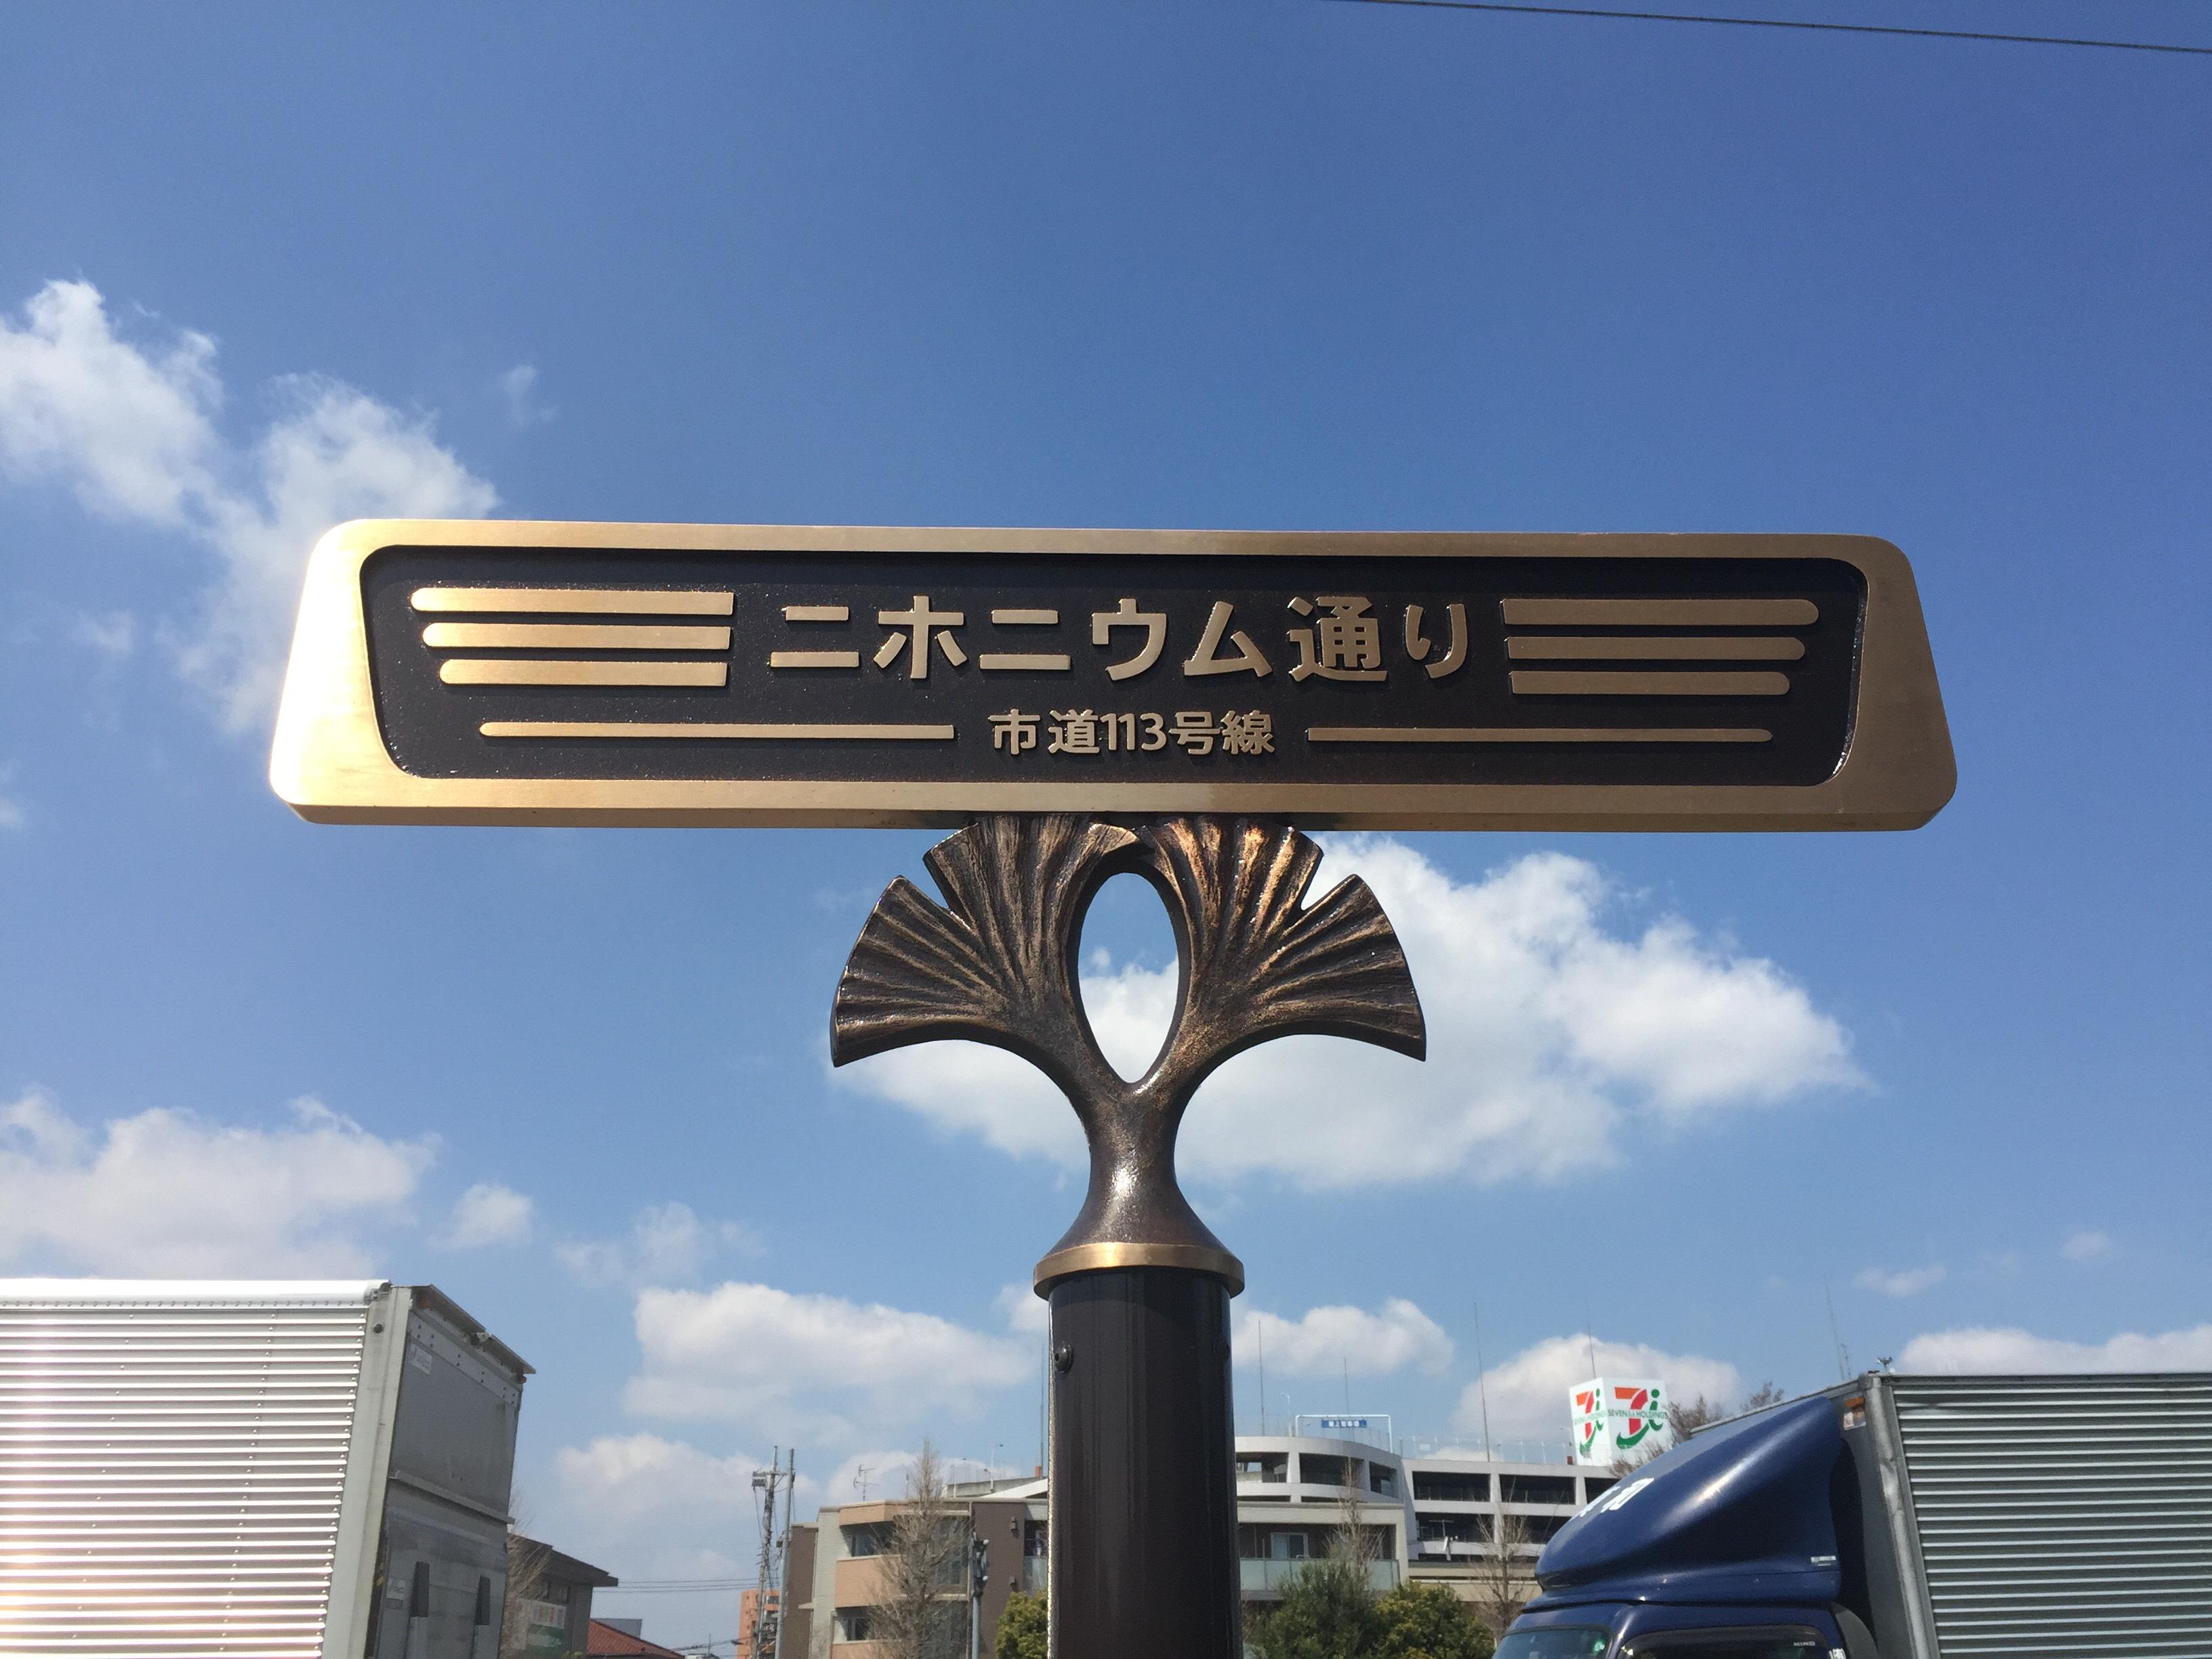 Nihonium Street